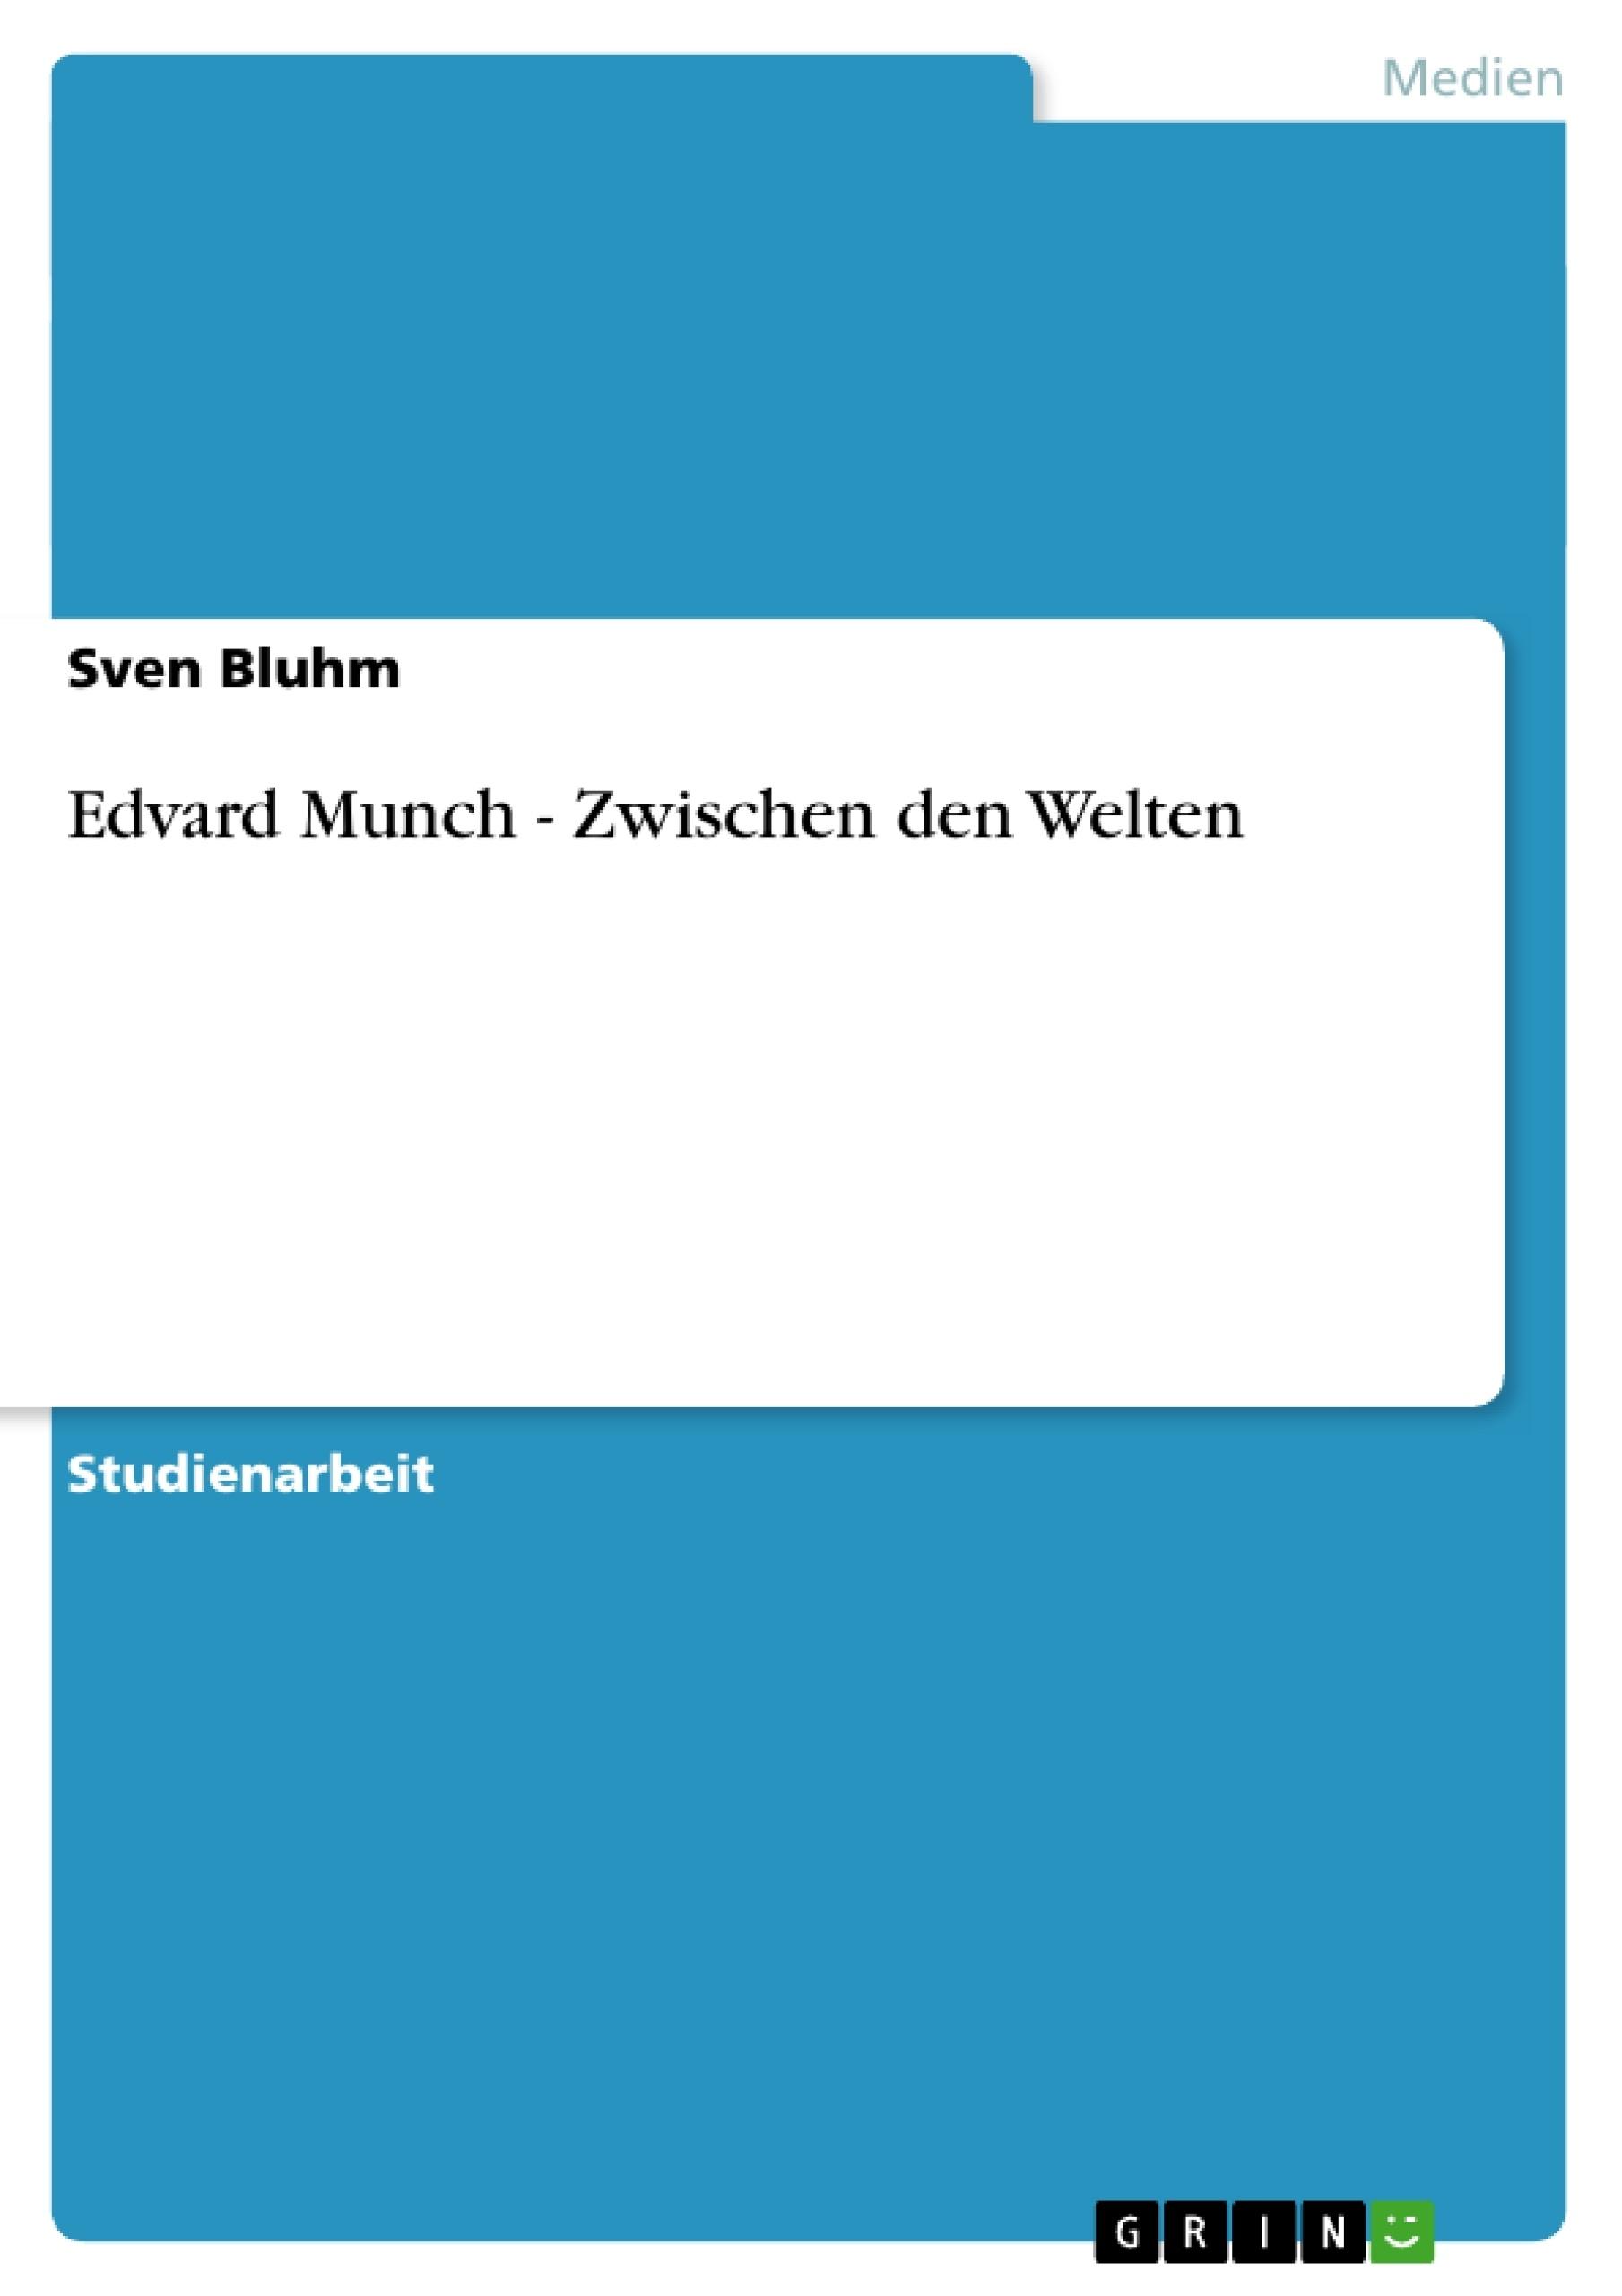 Titel: Edvard Munch - Zwischen den Welten